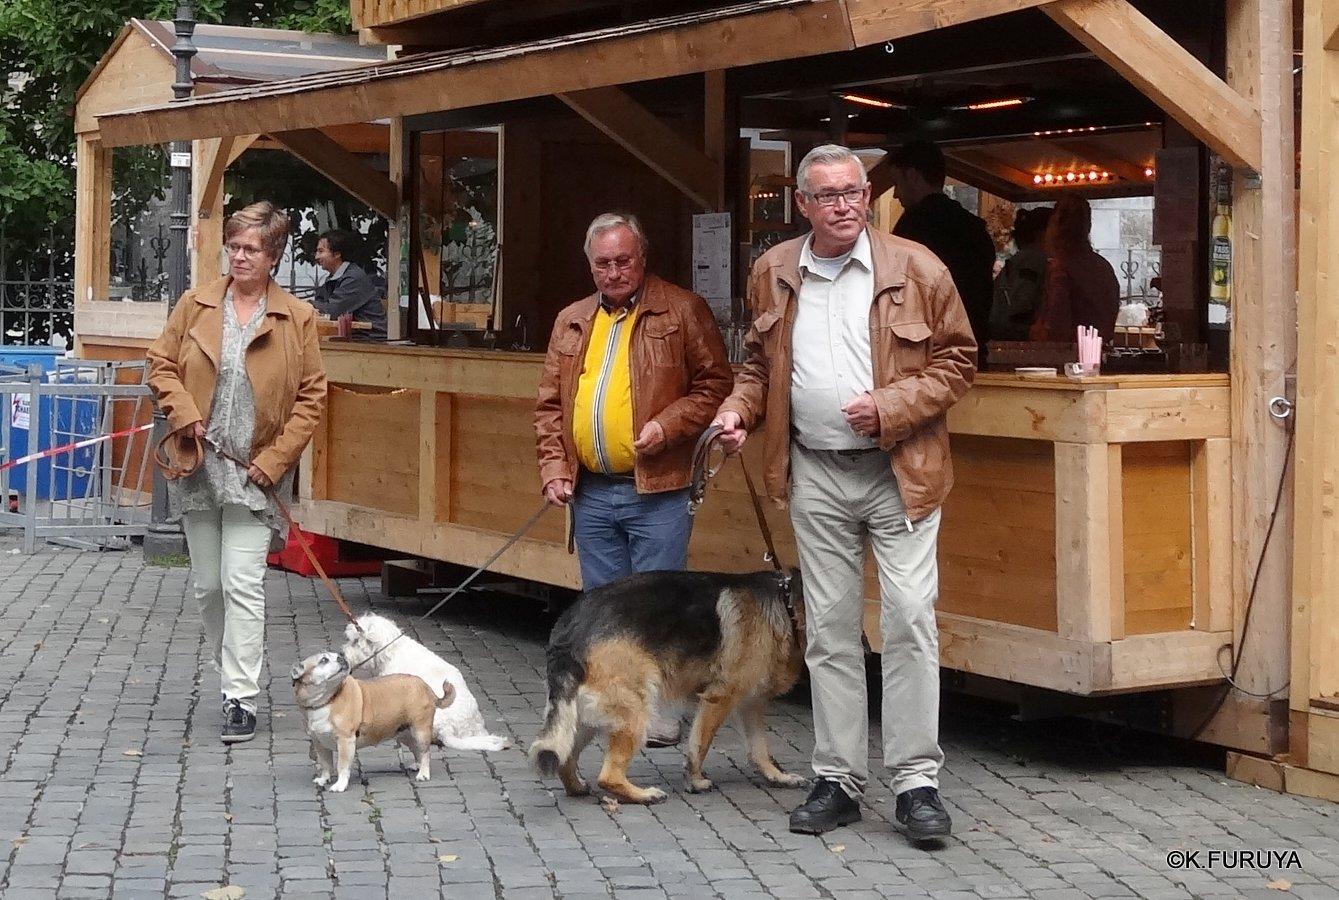 ドイツ9日間の旅 22   アーヘン街歩き ♪ その2_a0092659_16563.jpg